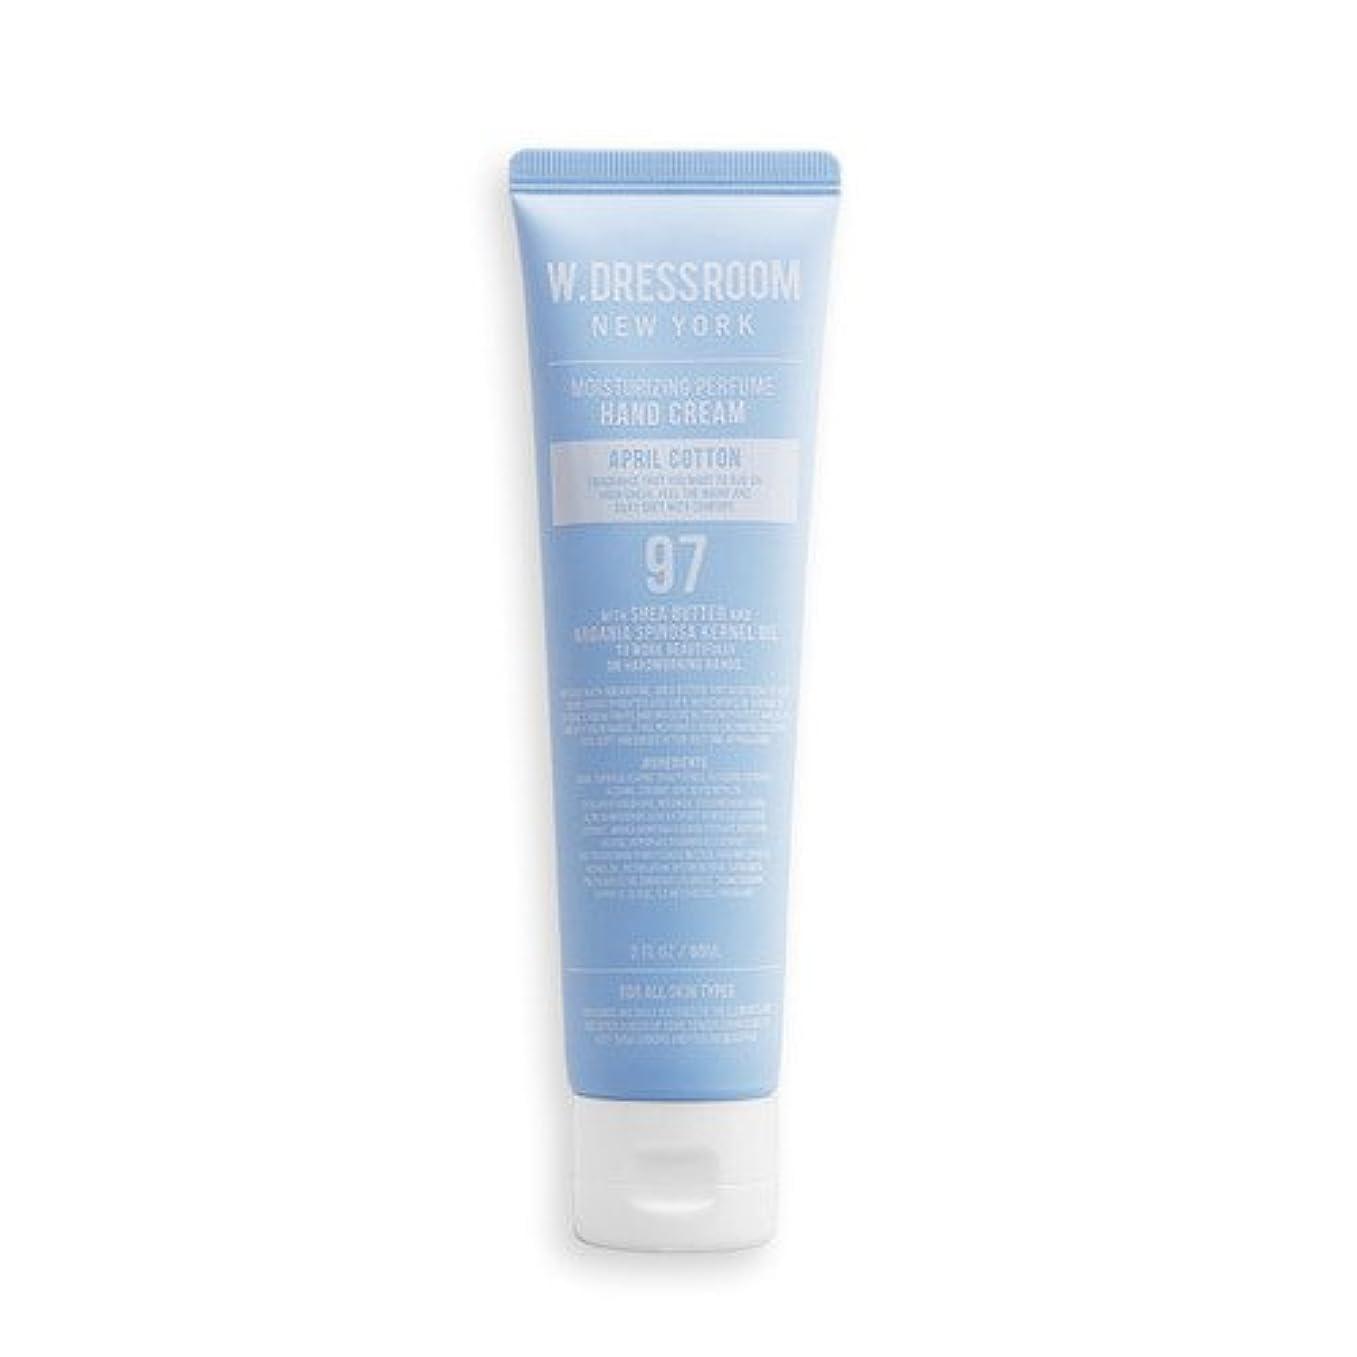 W.DRESSROOM Moisturizing Perfume Hand Cream 60ml/ダブルドレスルーム モイスチャライジング パフューム ハンドクリーム 60ml (#No.97 April Cotton) [並行輸入品]